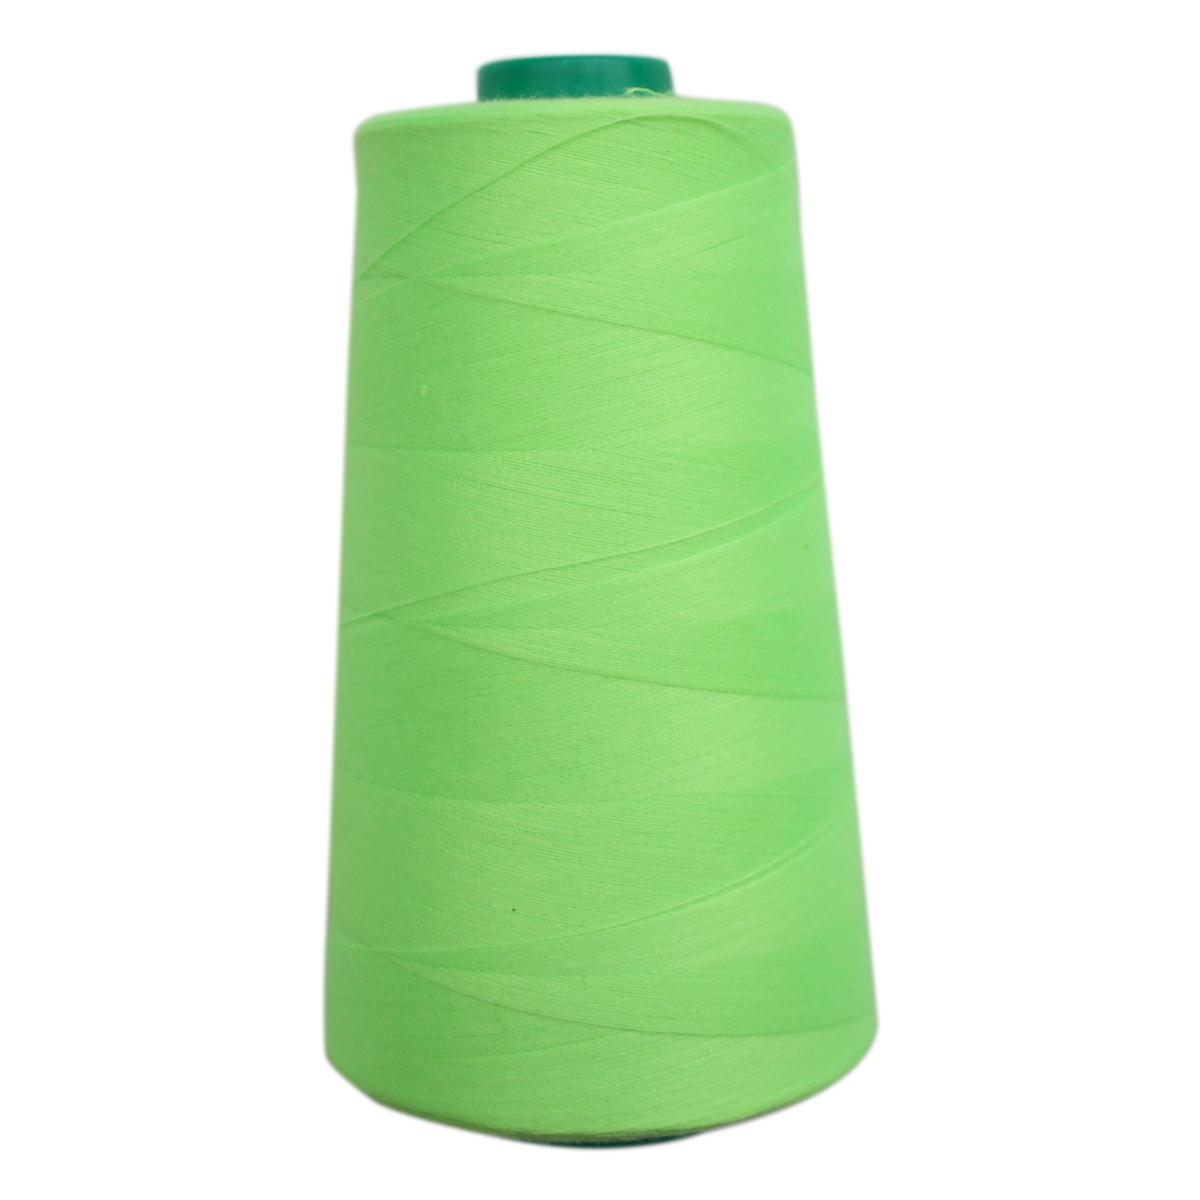 Нитки для шитья Bestex 50/2, 5000 ярд, цвет: лайм (304)7700936-304Сфера использования: трикотаж; ткани малого веса; оверлочные швы; отделка краев; вышивка. Размер игл №70-80